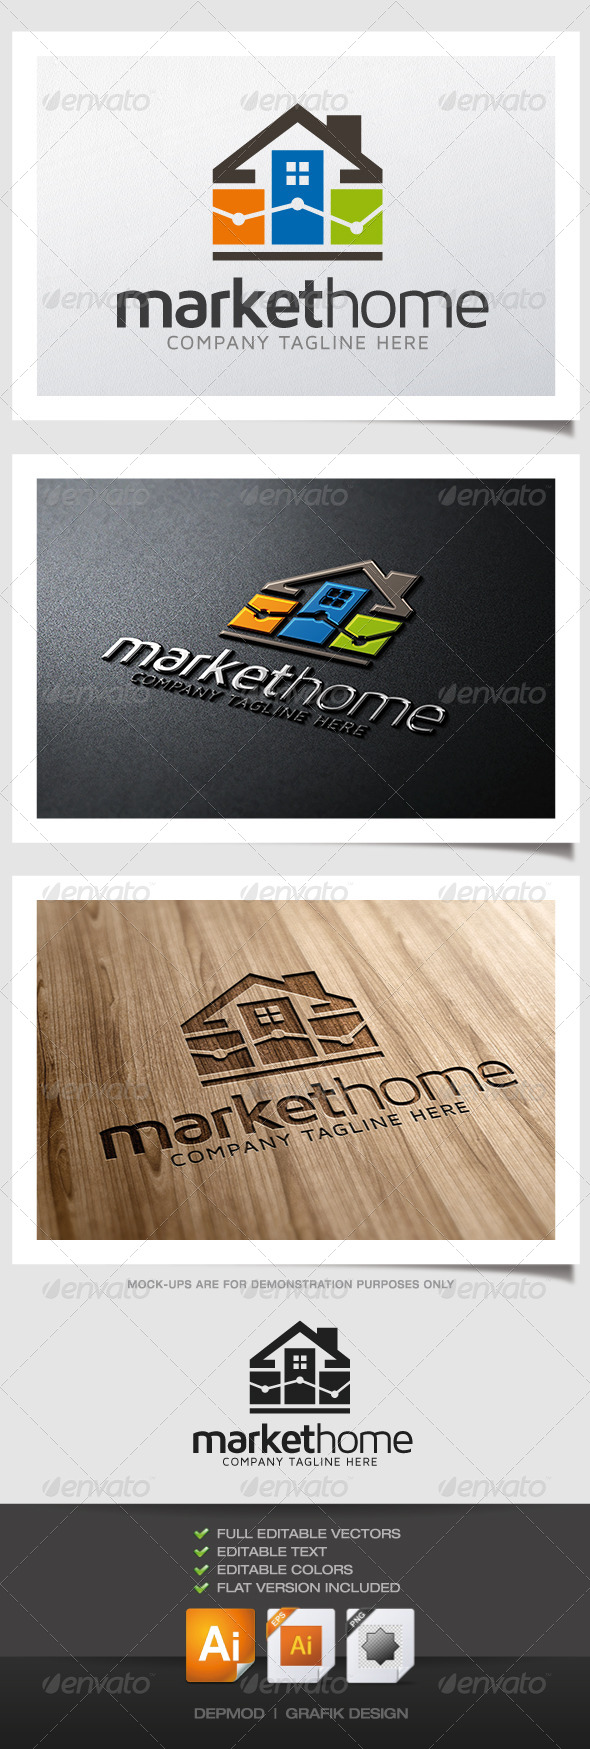 GraphicRiver Market Home Logo 5058965